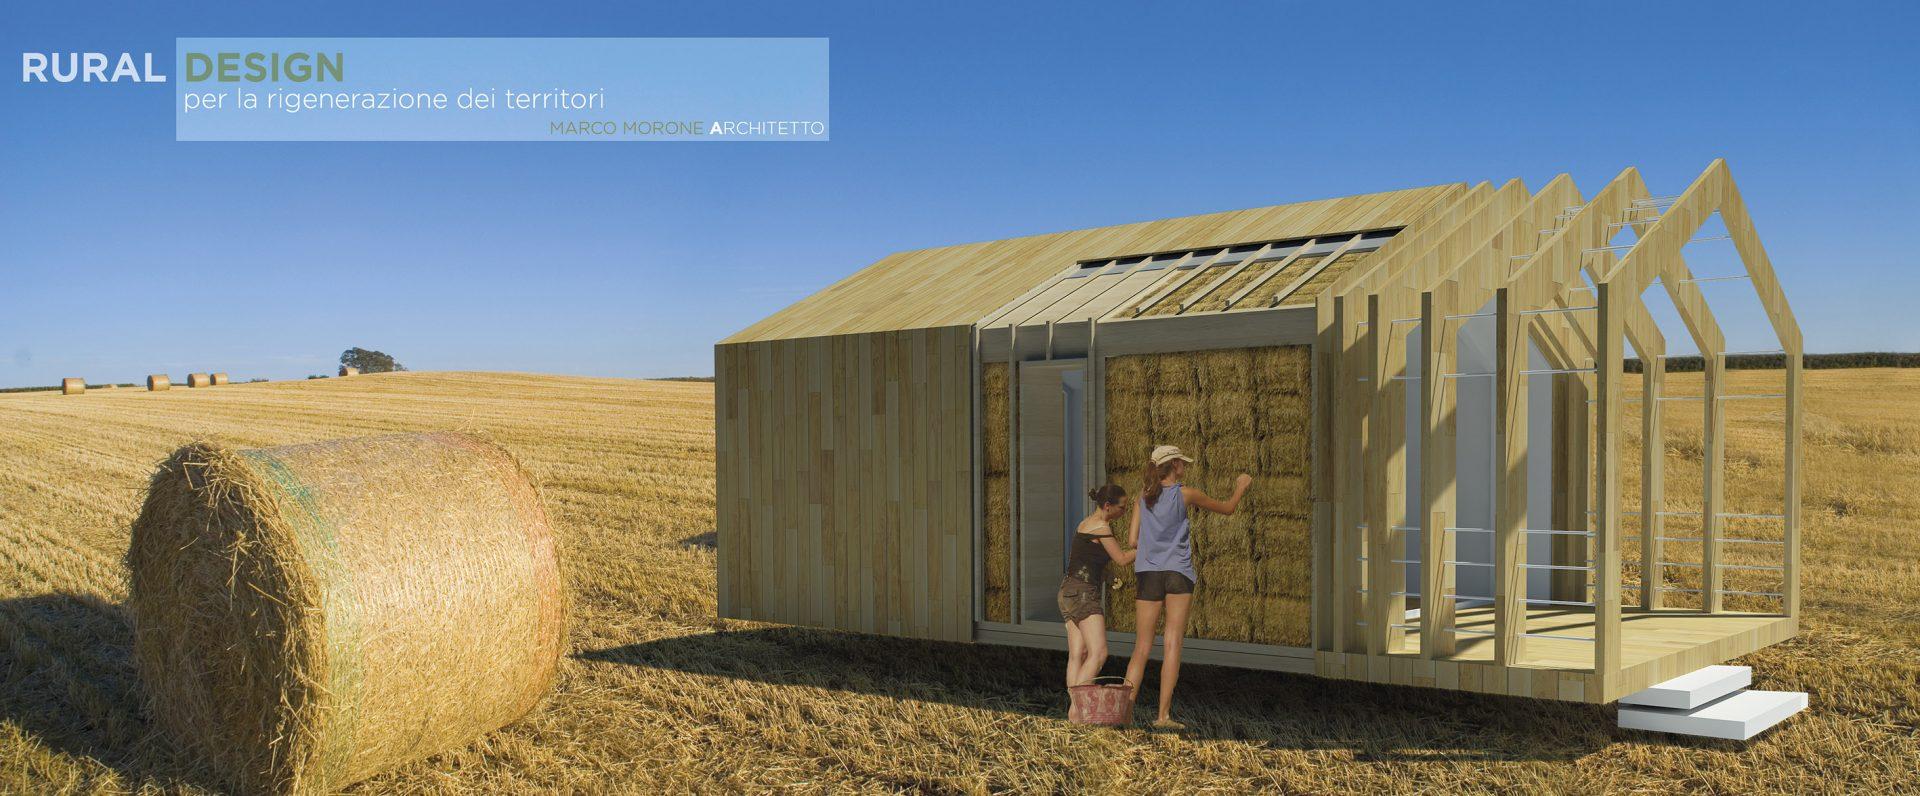 pototipo di edificio in legno e paglia